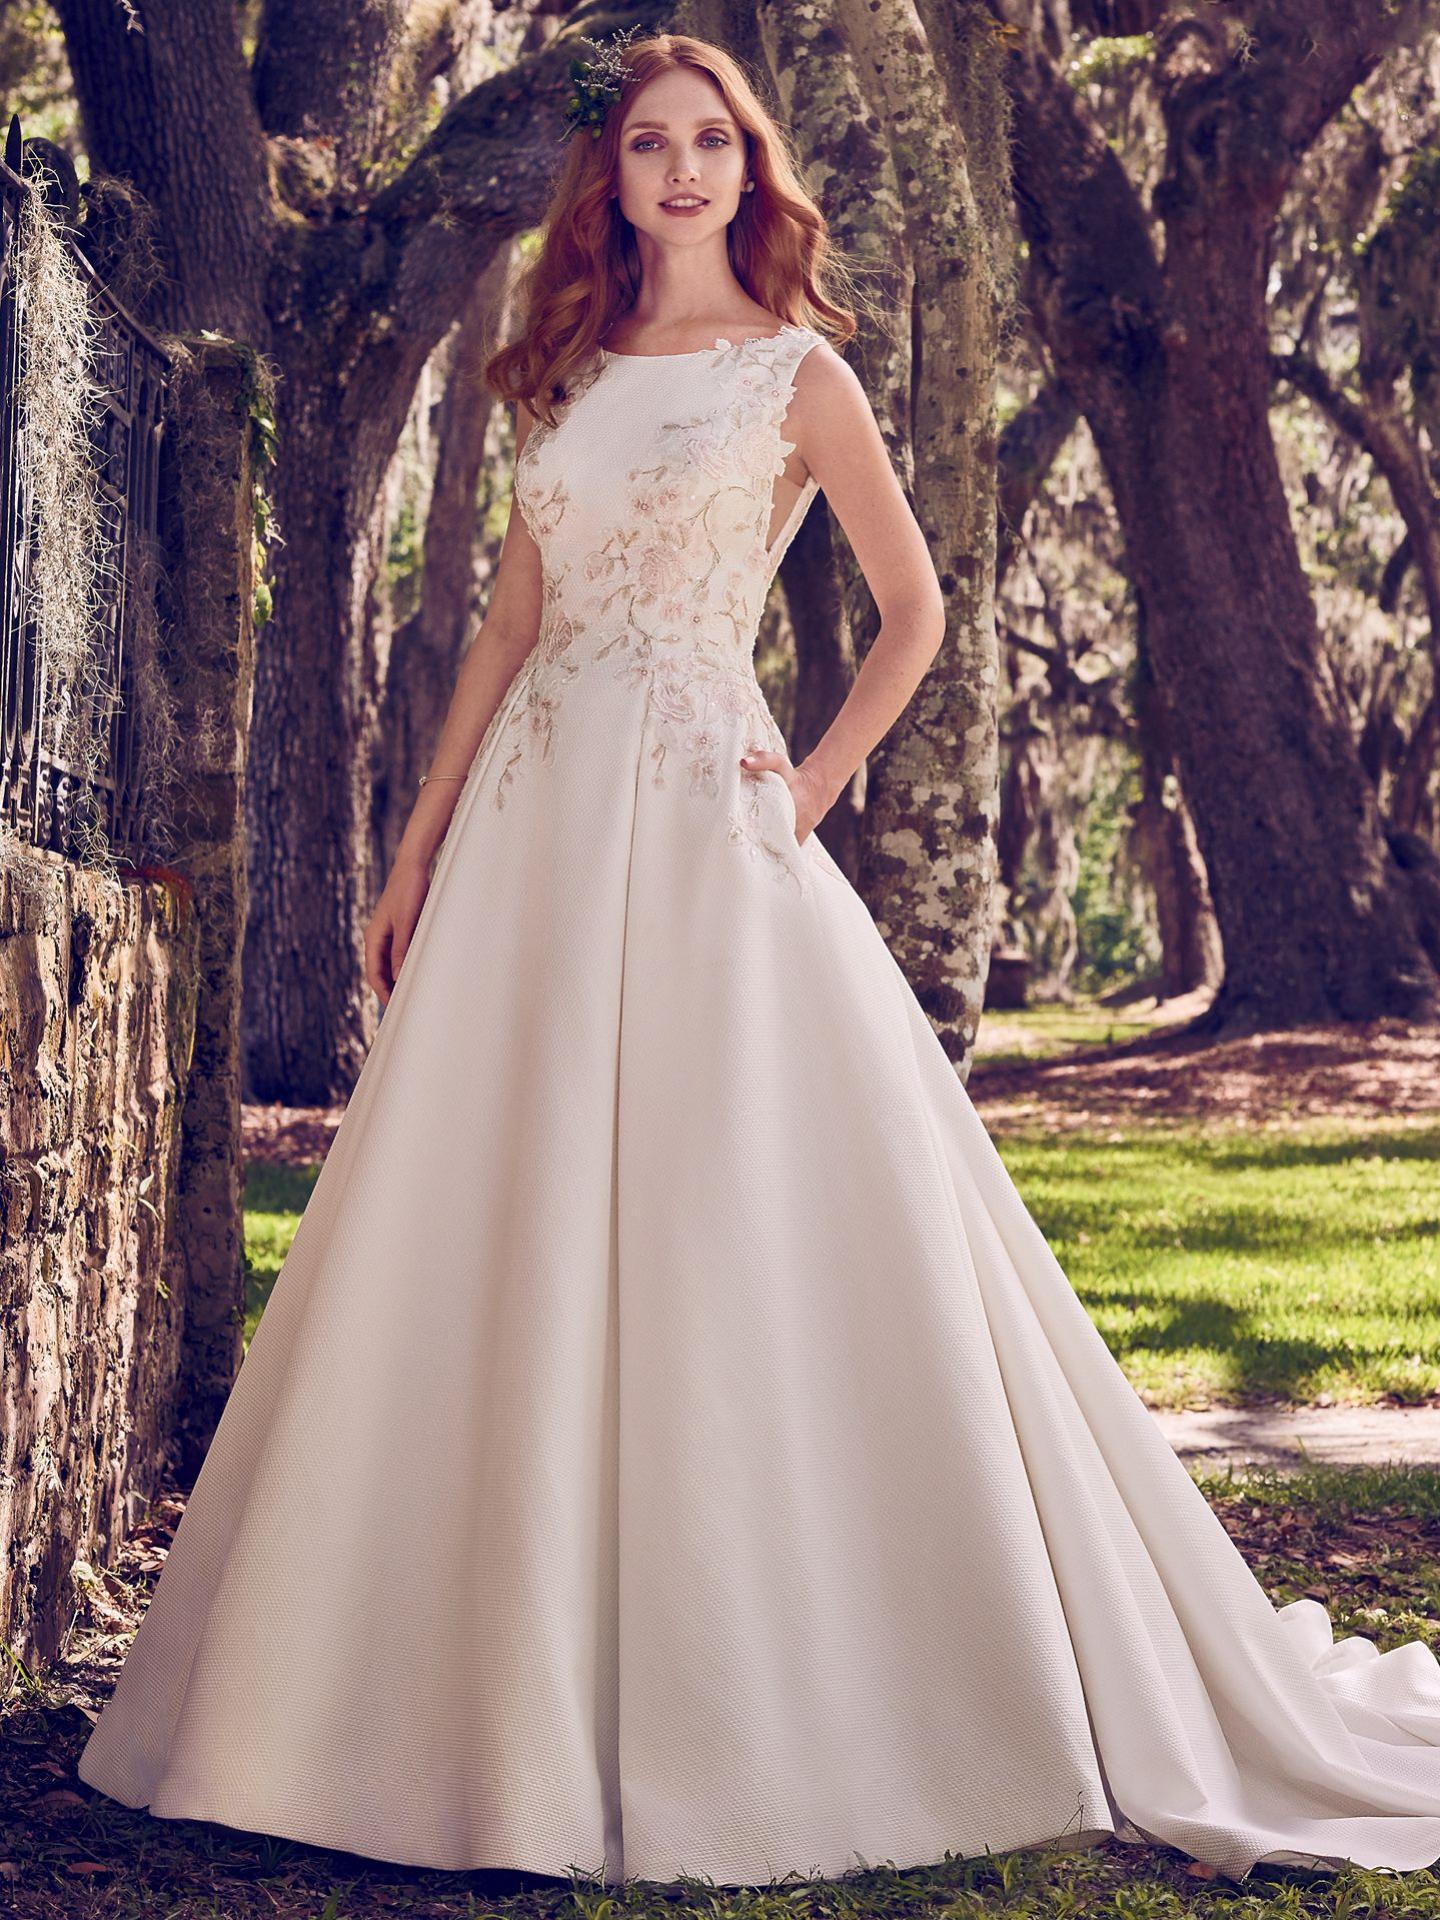 Okrem svadobných šiat Vám svadobný salón Diamond prináša úžasné a vždy  nadčasové kolekcie spoločenských šiat prestížnych a populárnych značiek  FLIRT by ... 022b721563